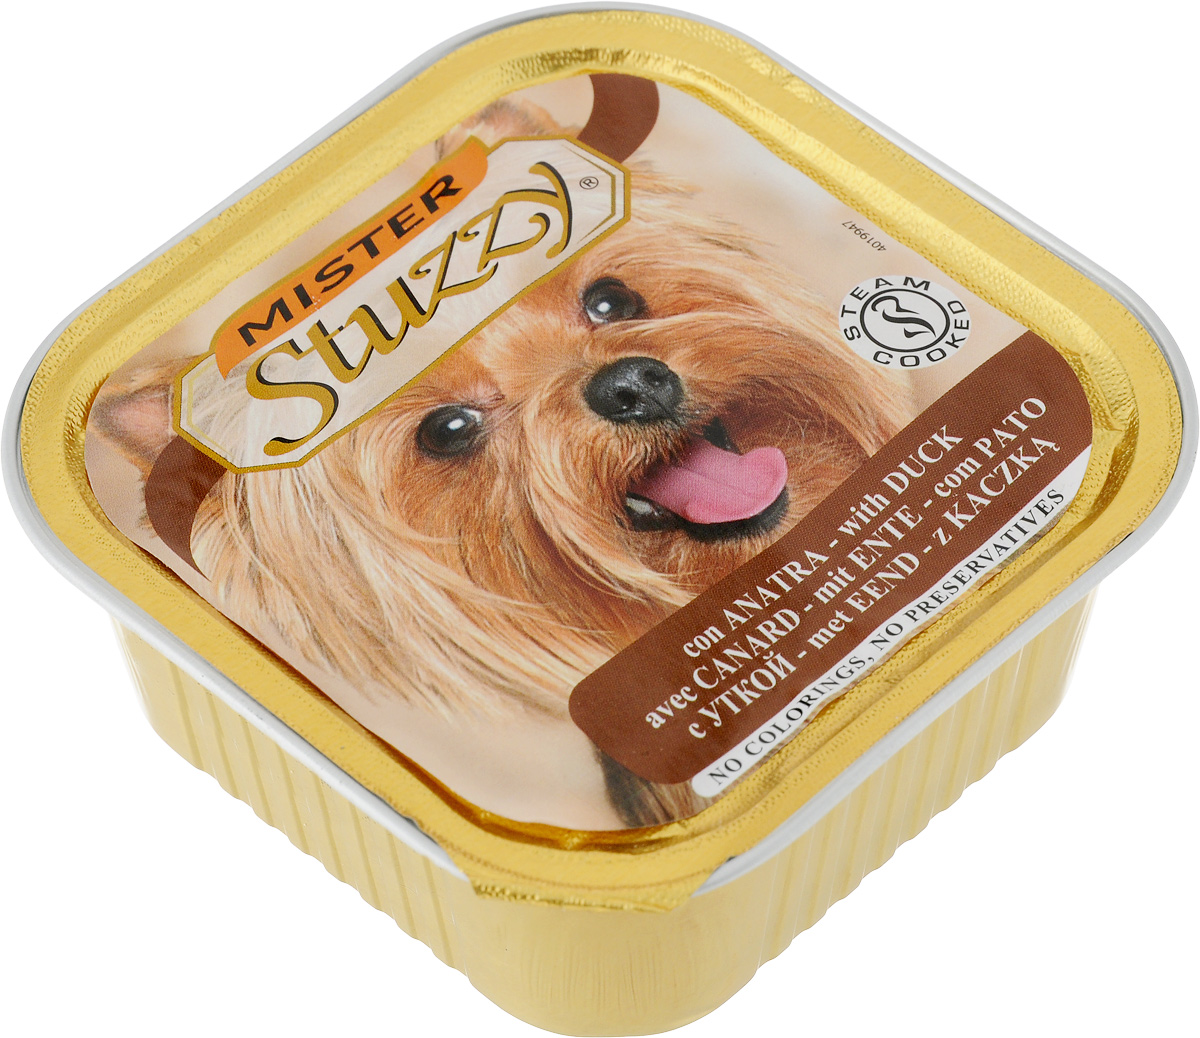 Консервы для собак Stuzzy Mister, с уткой, 150 г131.C257Stuzzy Mister - это полнорационный корм для взрослых собак. Корм обогащен таурином и витамином Е для поддержания правильной работы сердца и иммунной системы. Инулин обеспечивает всасывание питательных веществ, а биотин способствуют великолепному внешнему виду кожи и шерсти. Корм приготовлен на пару, не содержит красителей и консервантов. Товар сертифицирован.